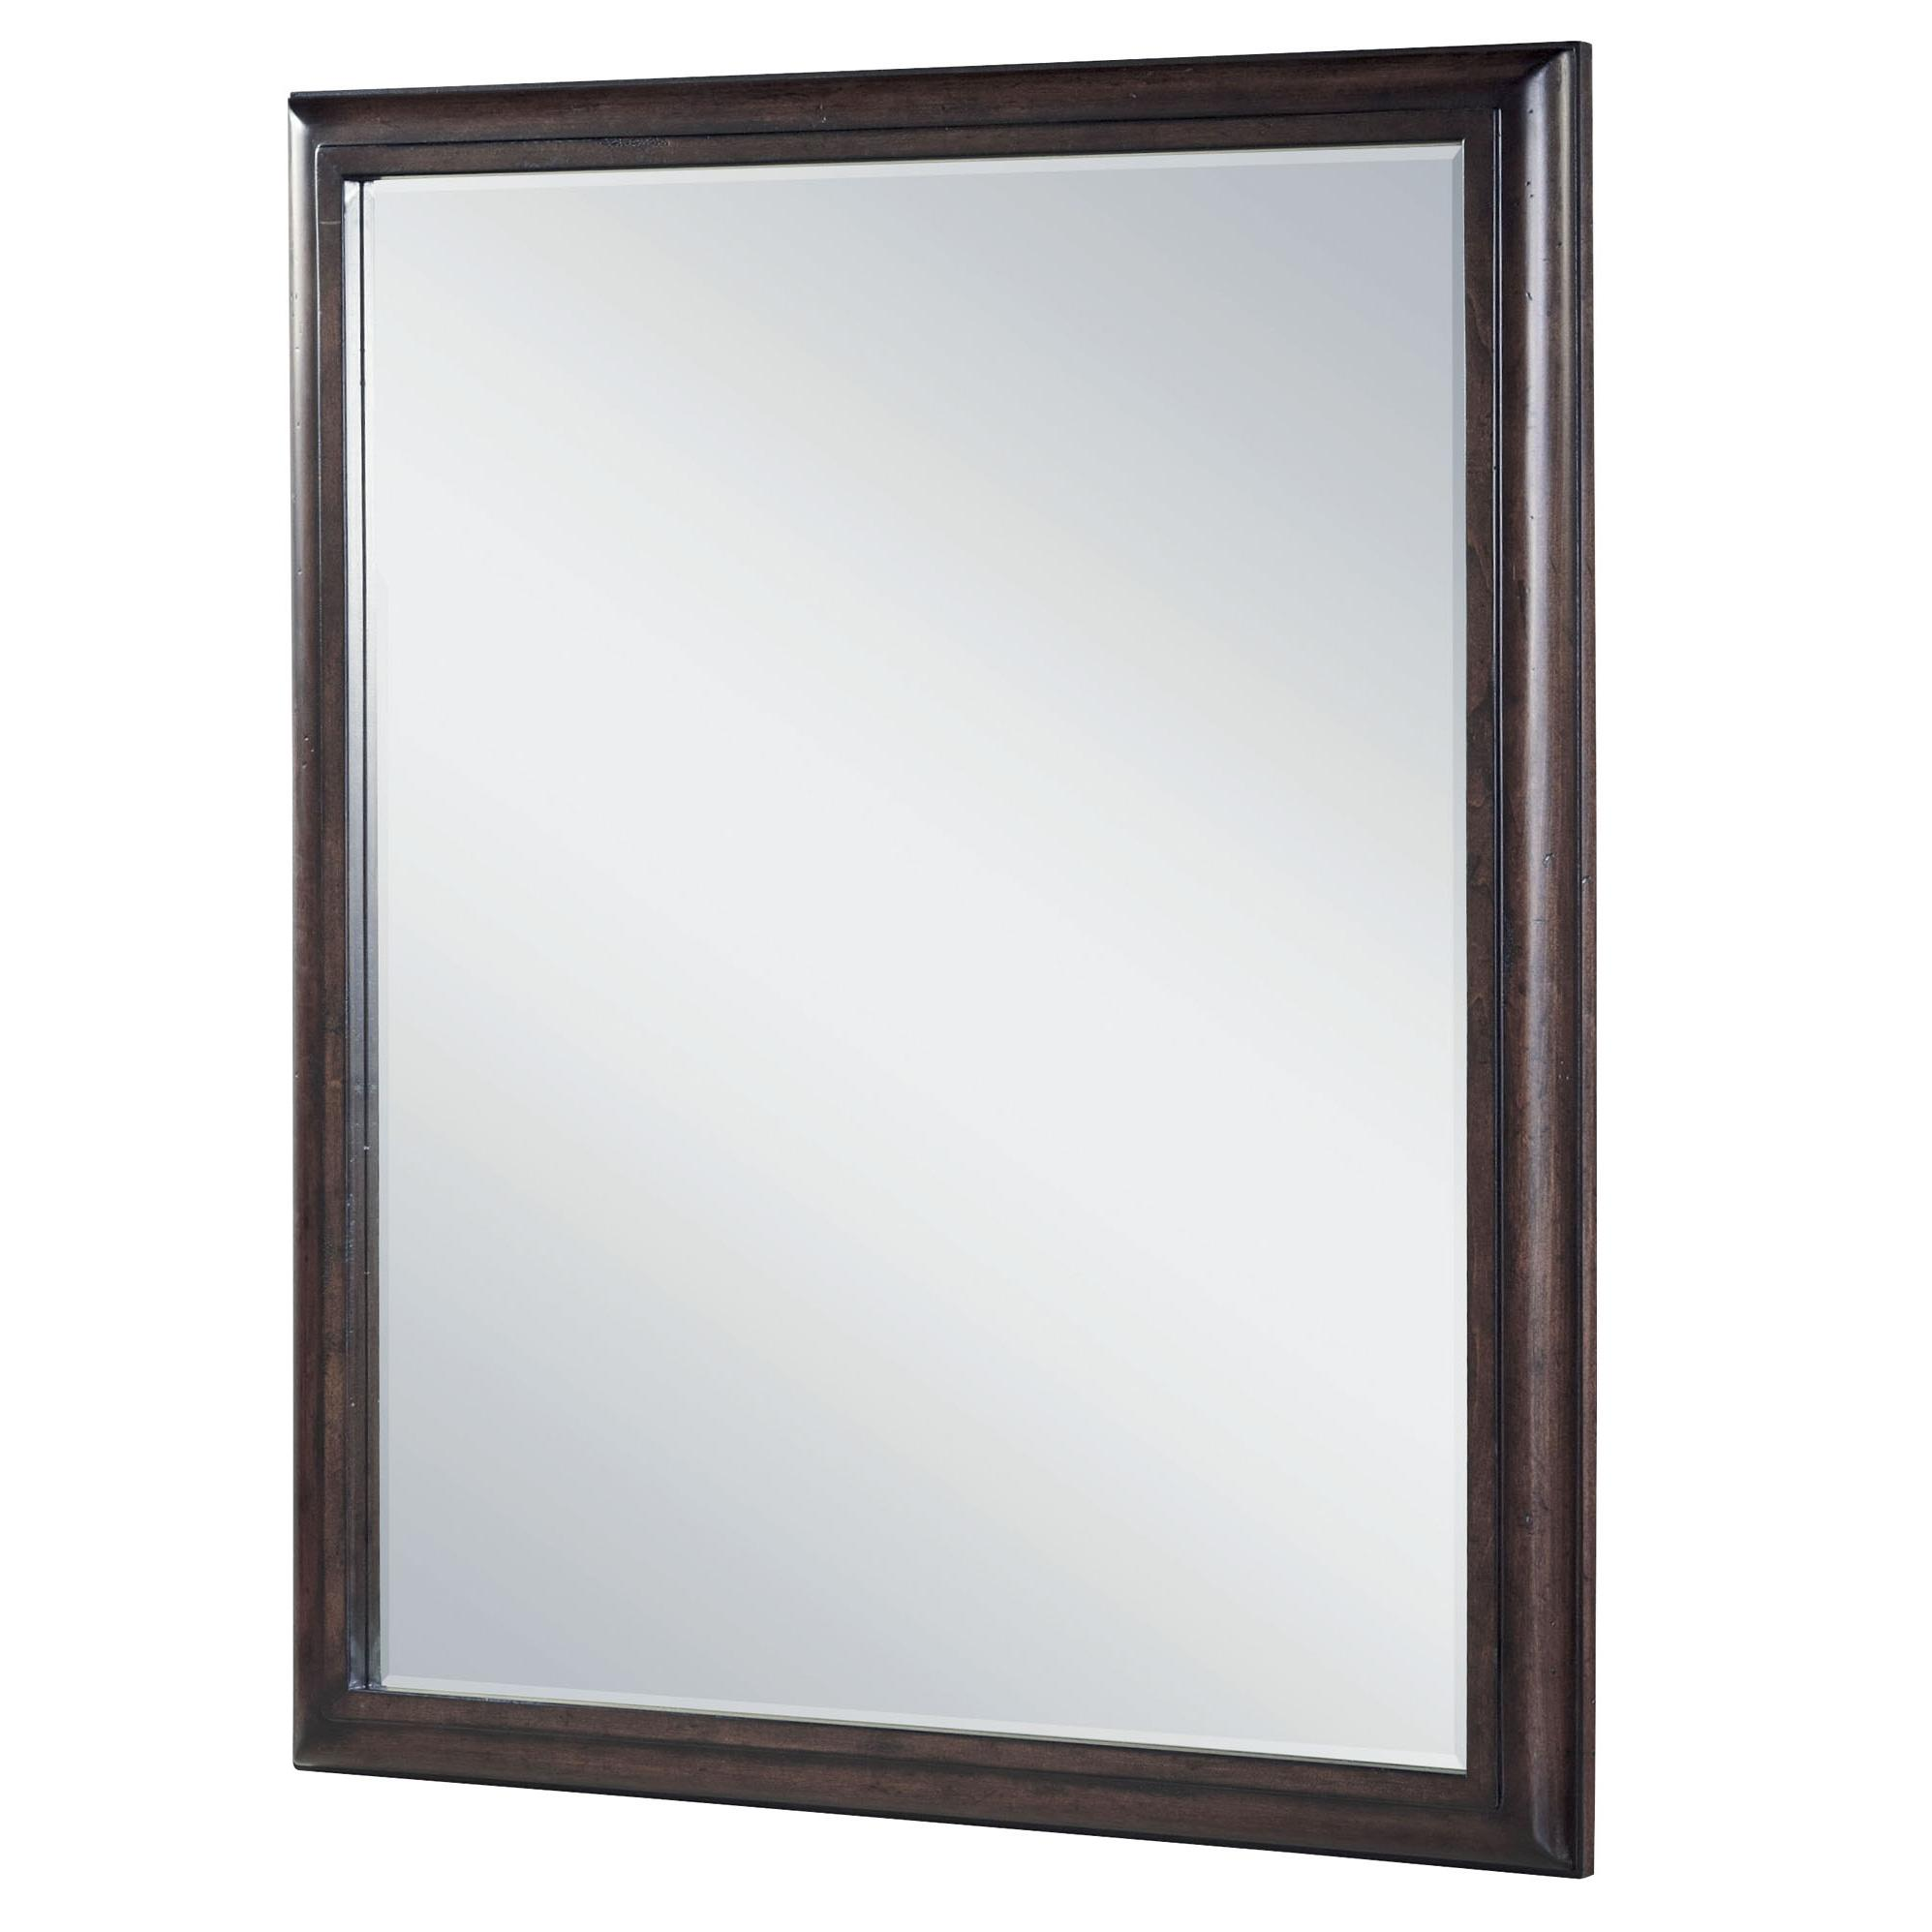 Smartstuff Paula Deen - Guys Mirror - Item Number: 2391032